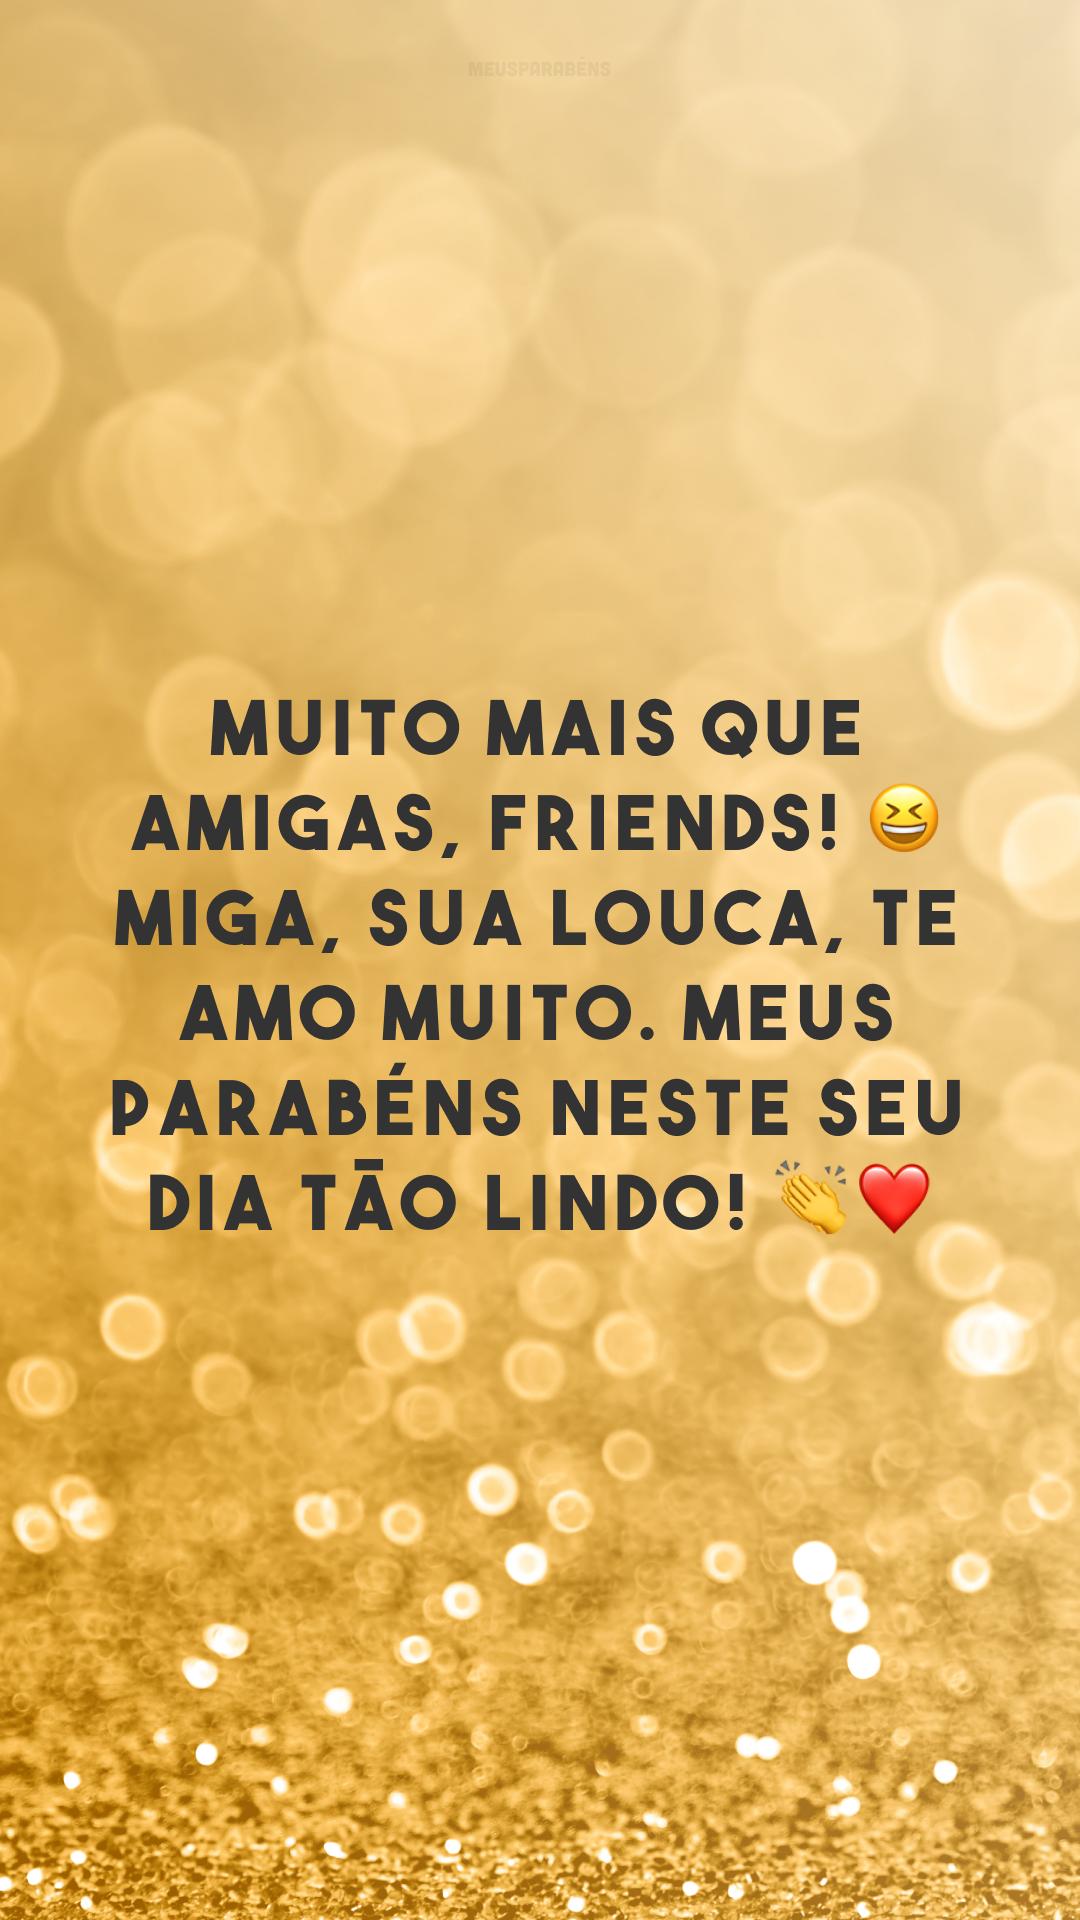 Muito mais que amigas, friends! 😆 Miga, sua louca, te amo muito. Meus parabéns neste seu dia tão lindo! 👏❤